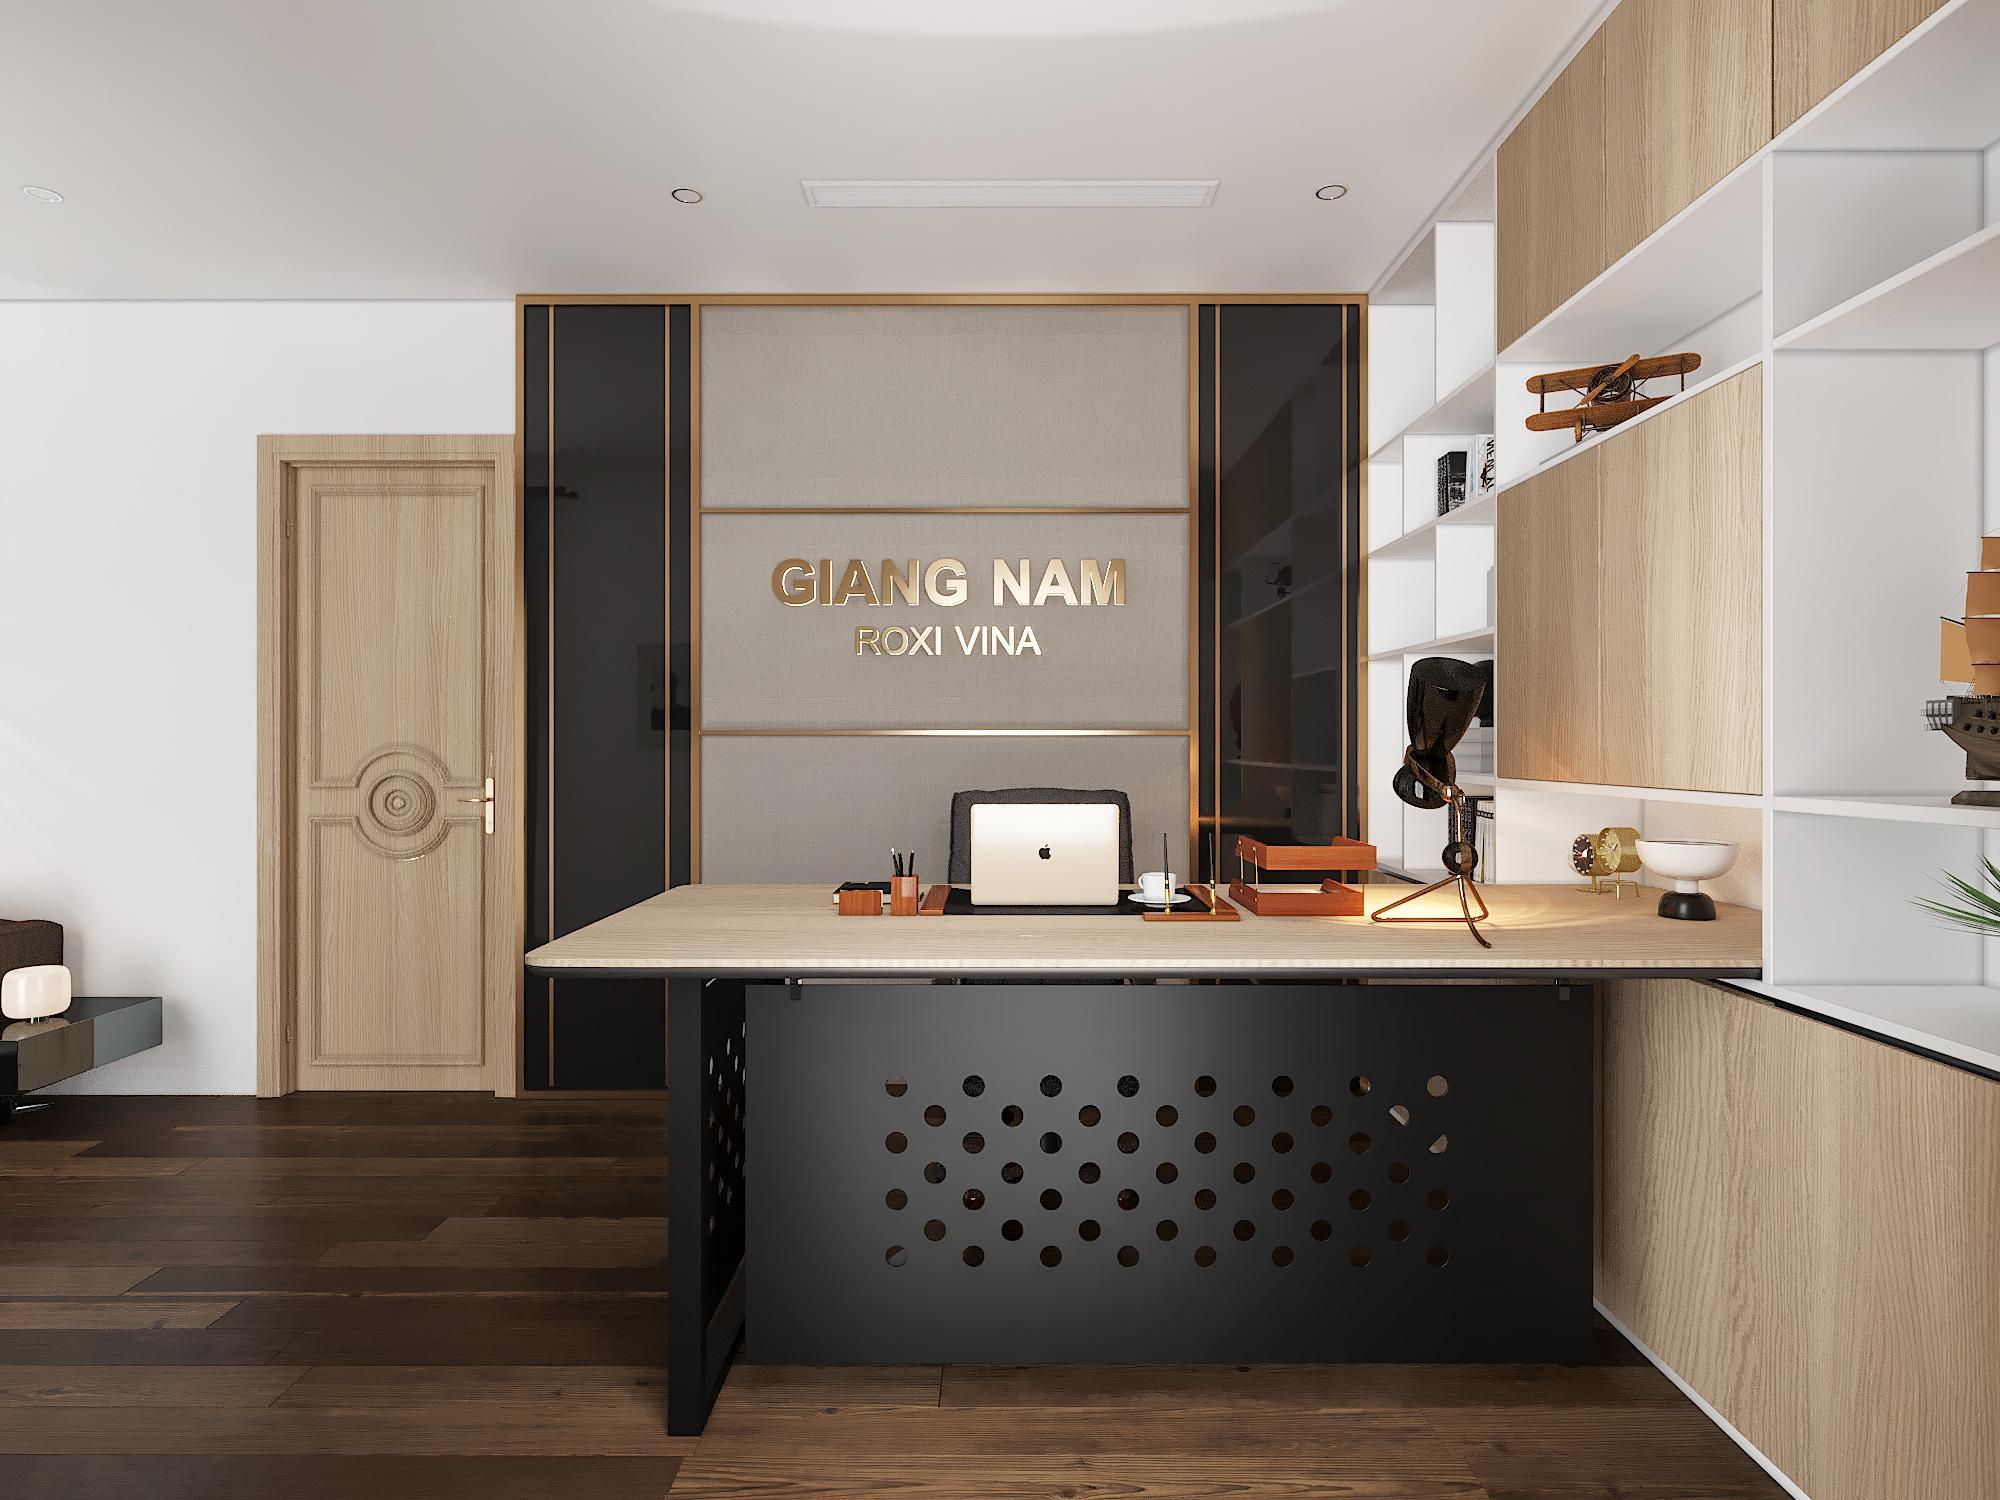 Thiết kế phòng giám đốc với chi tiết gỗ đơn giản, tiện lợi